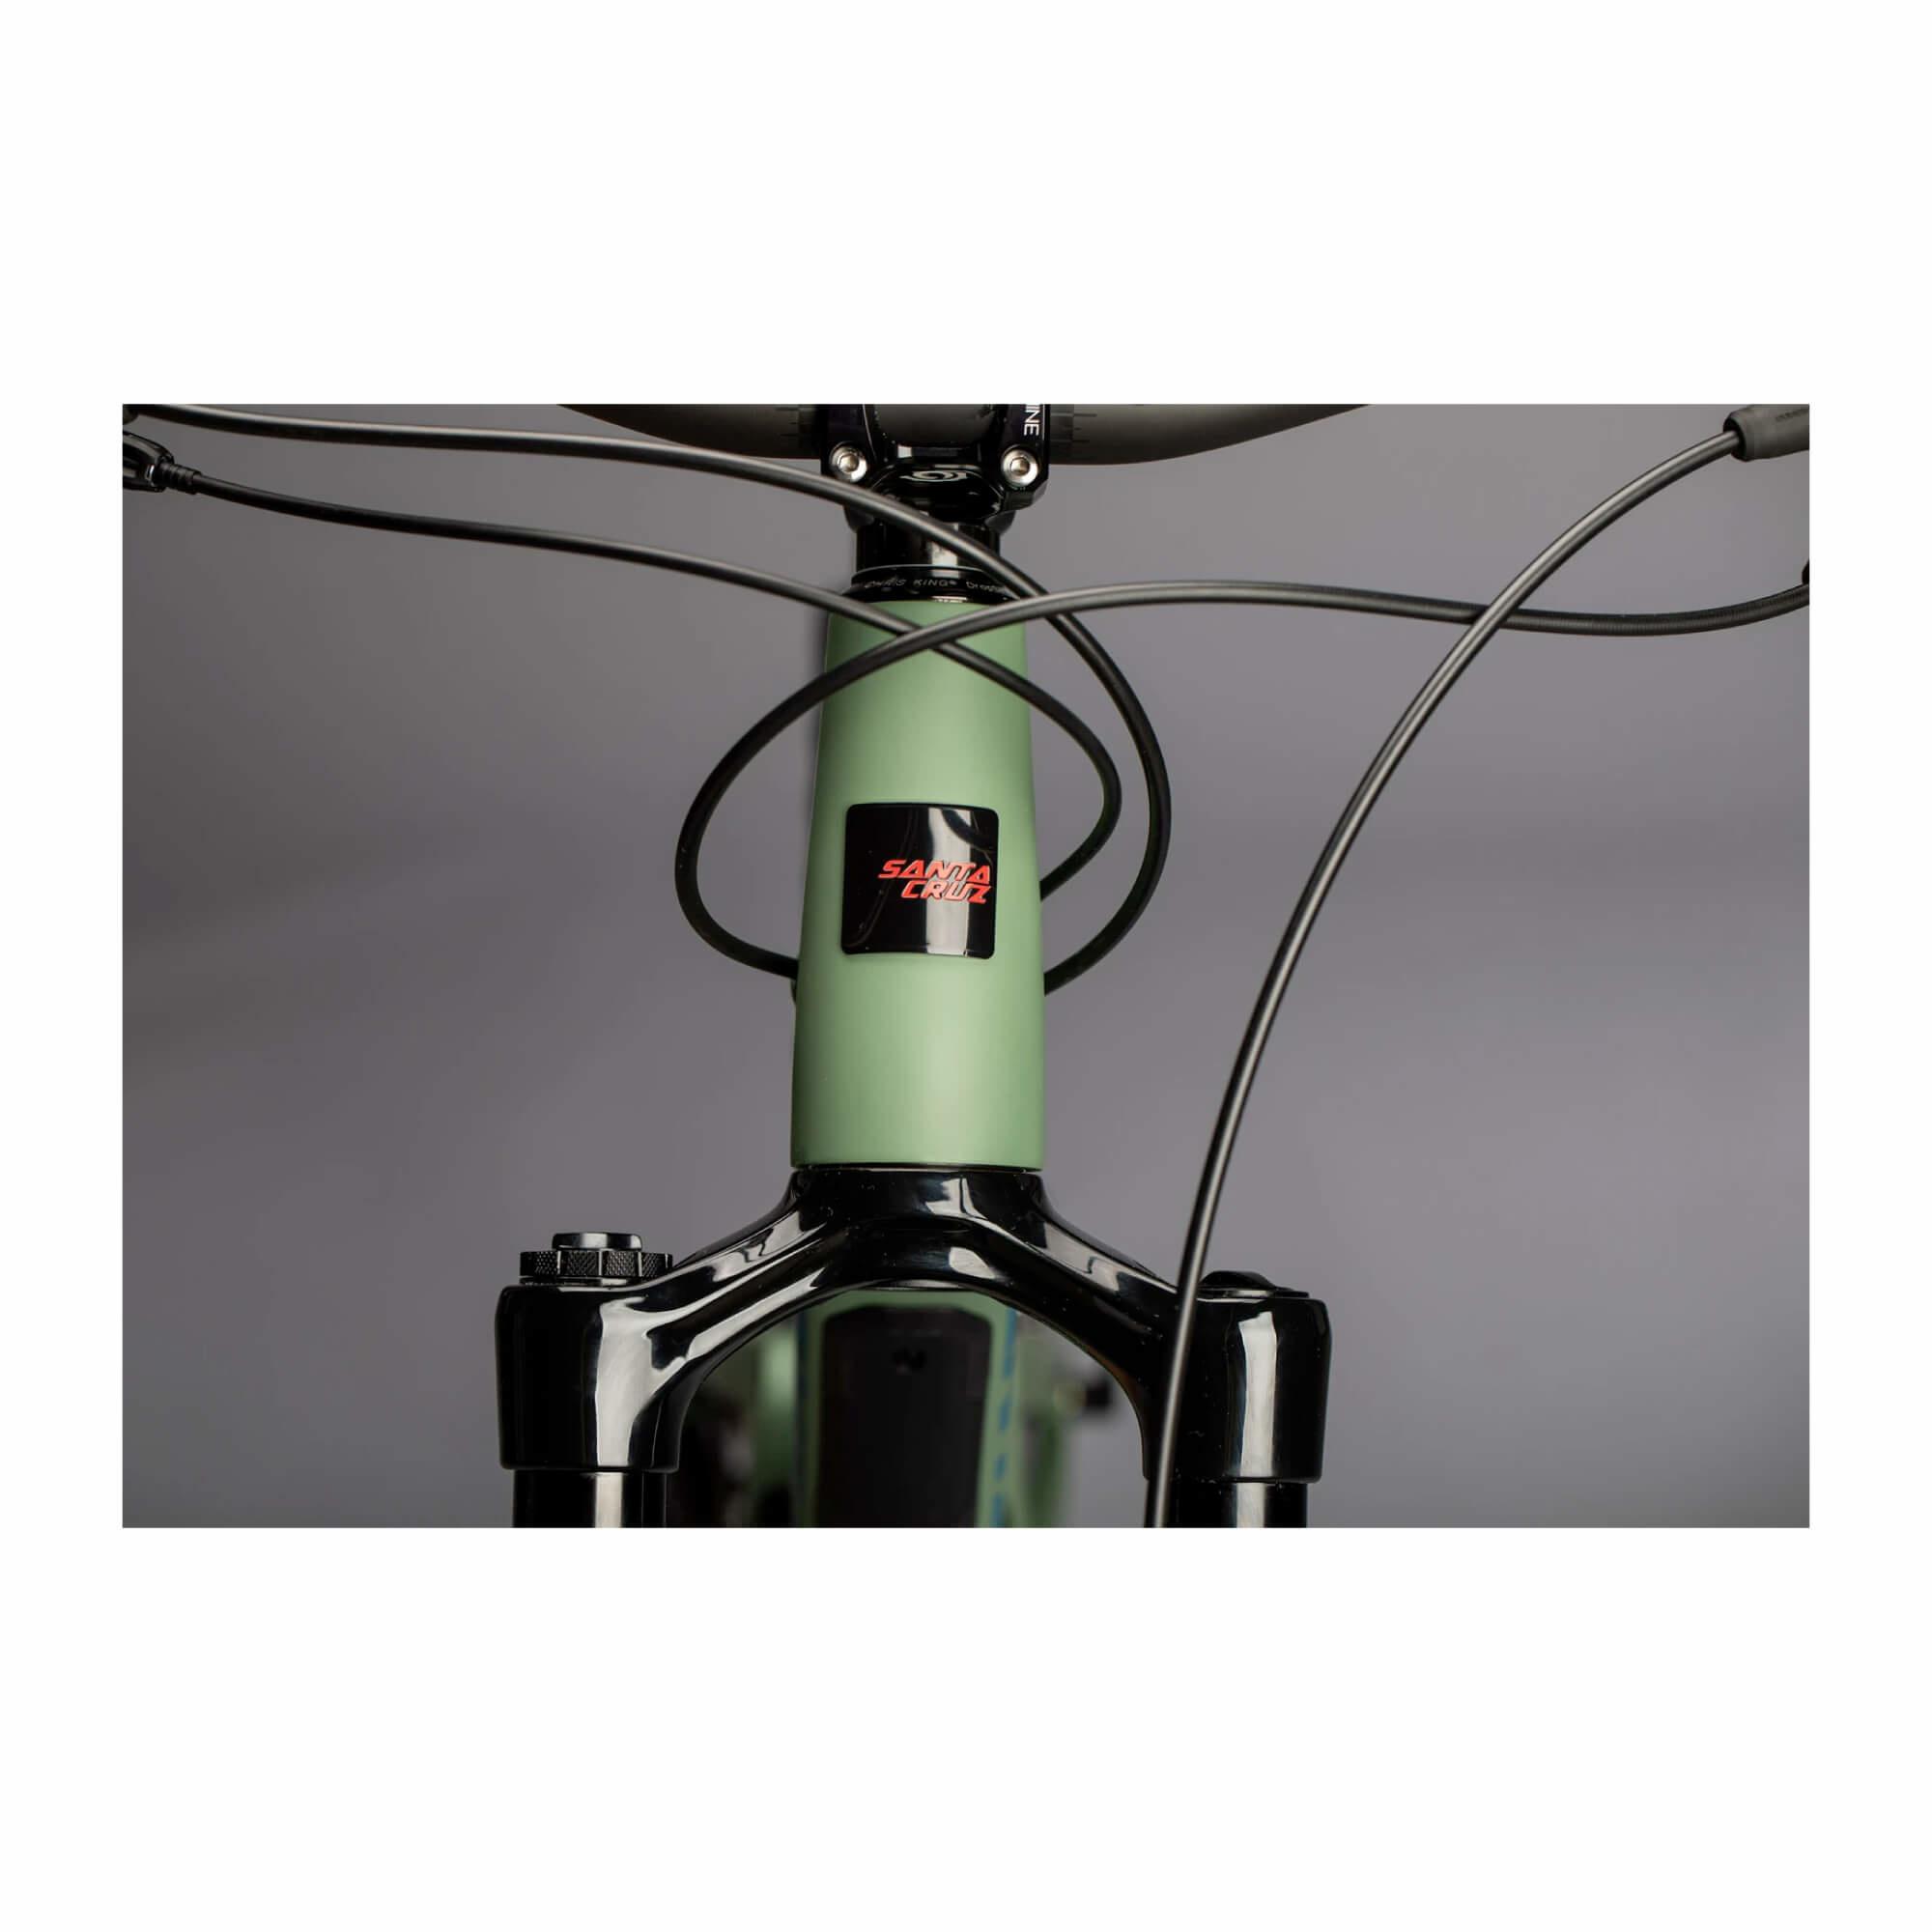 Bronson 3.0 C 27.5 S GX RS Lyrik Select + 160  2020-7